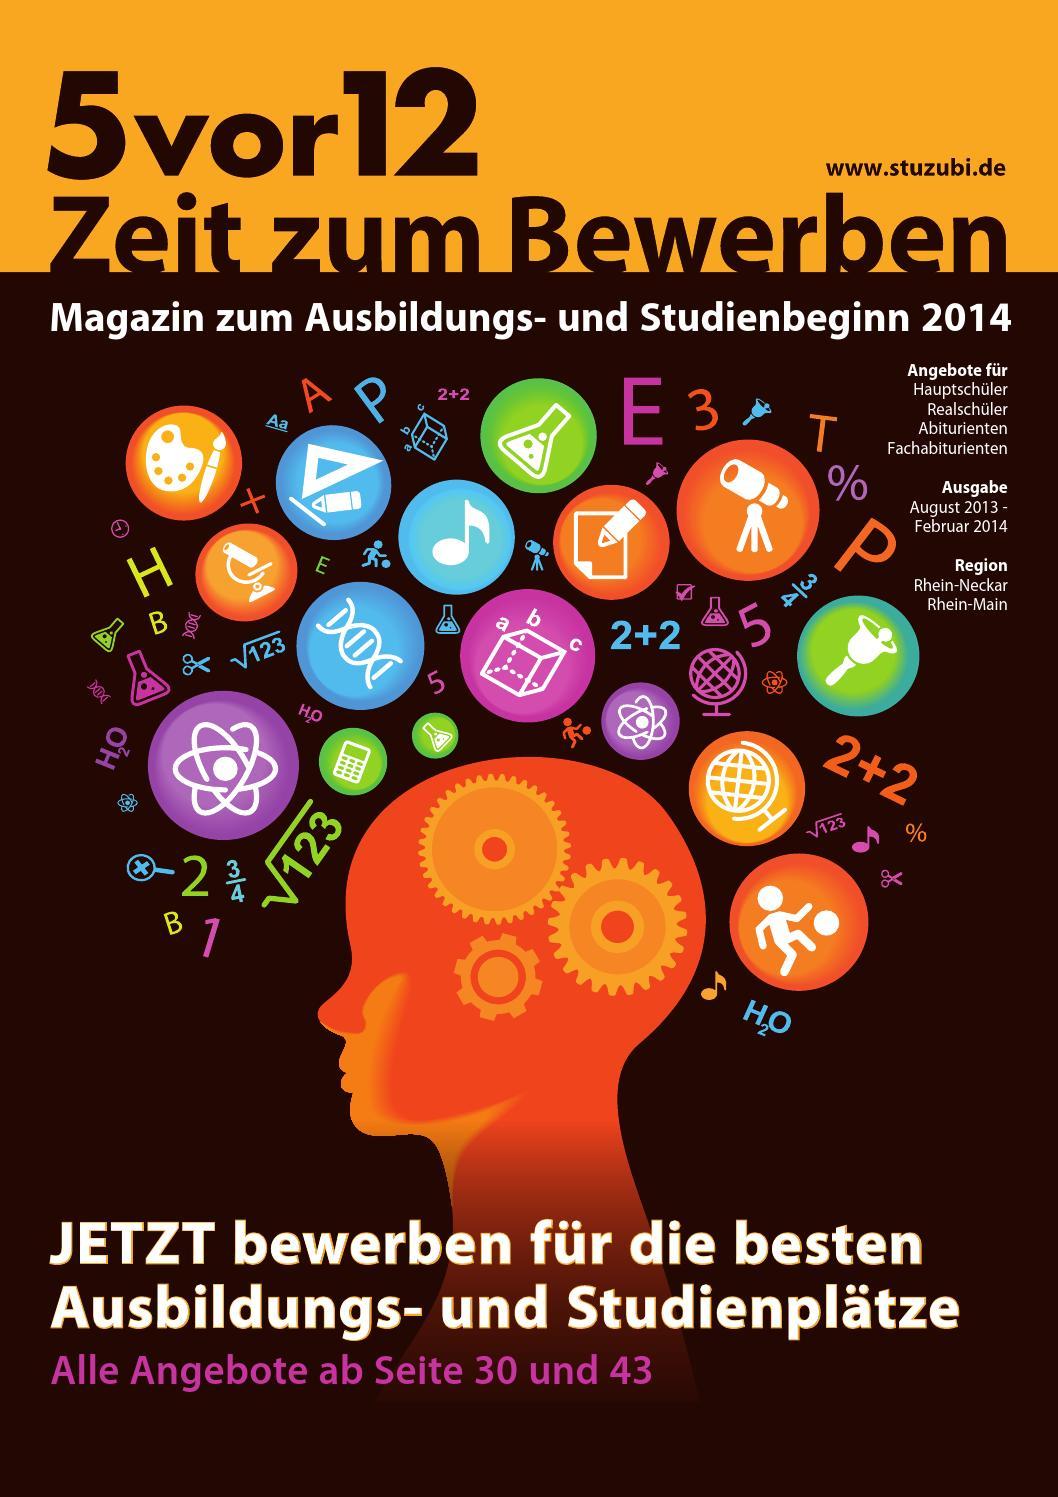 5vor12 - Zeit zum Bewerben für die Regionen Rhein-Main, Rhein-Neckar by  Stuzubi - issuu